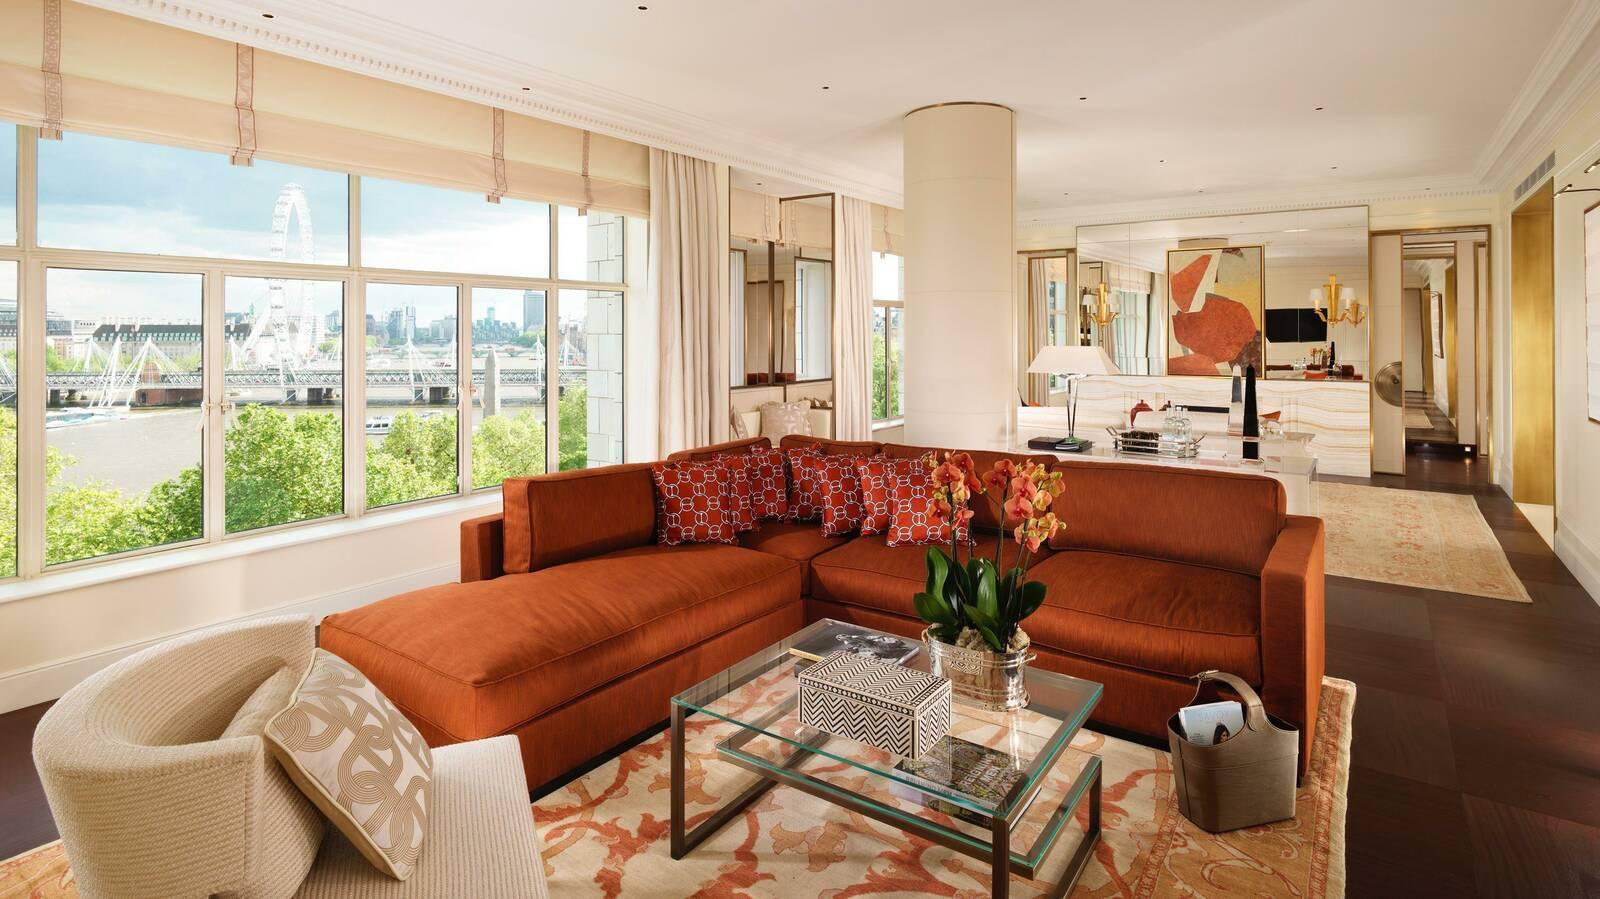 Fairmont Savoy Londres Suite Living Room